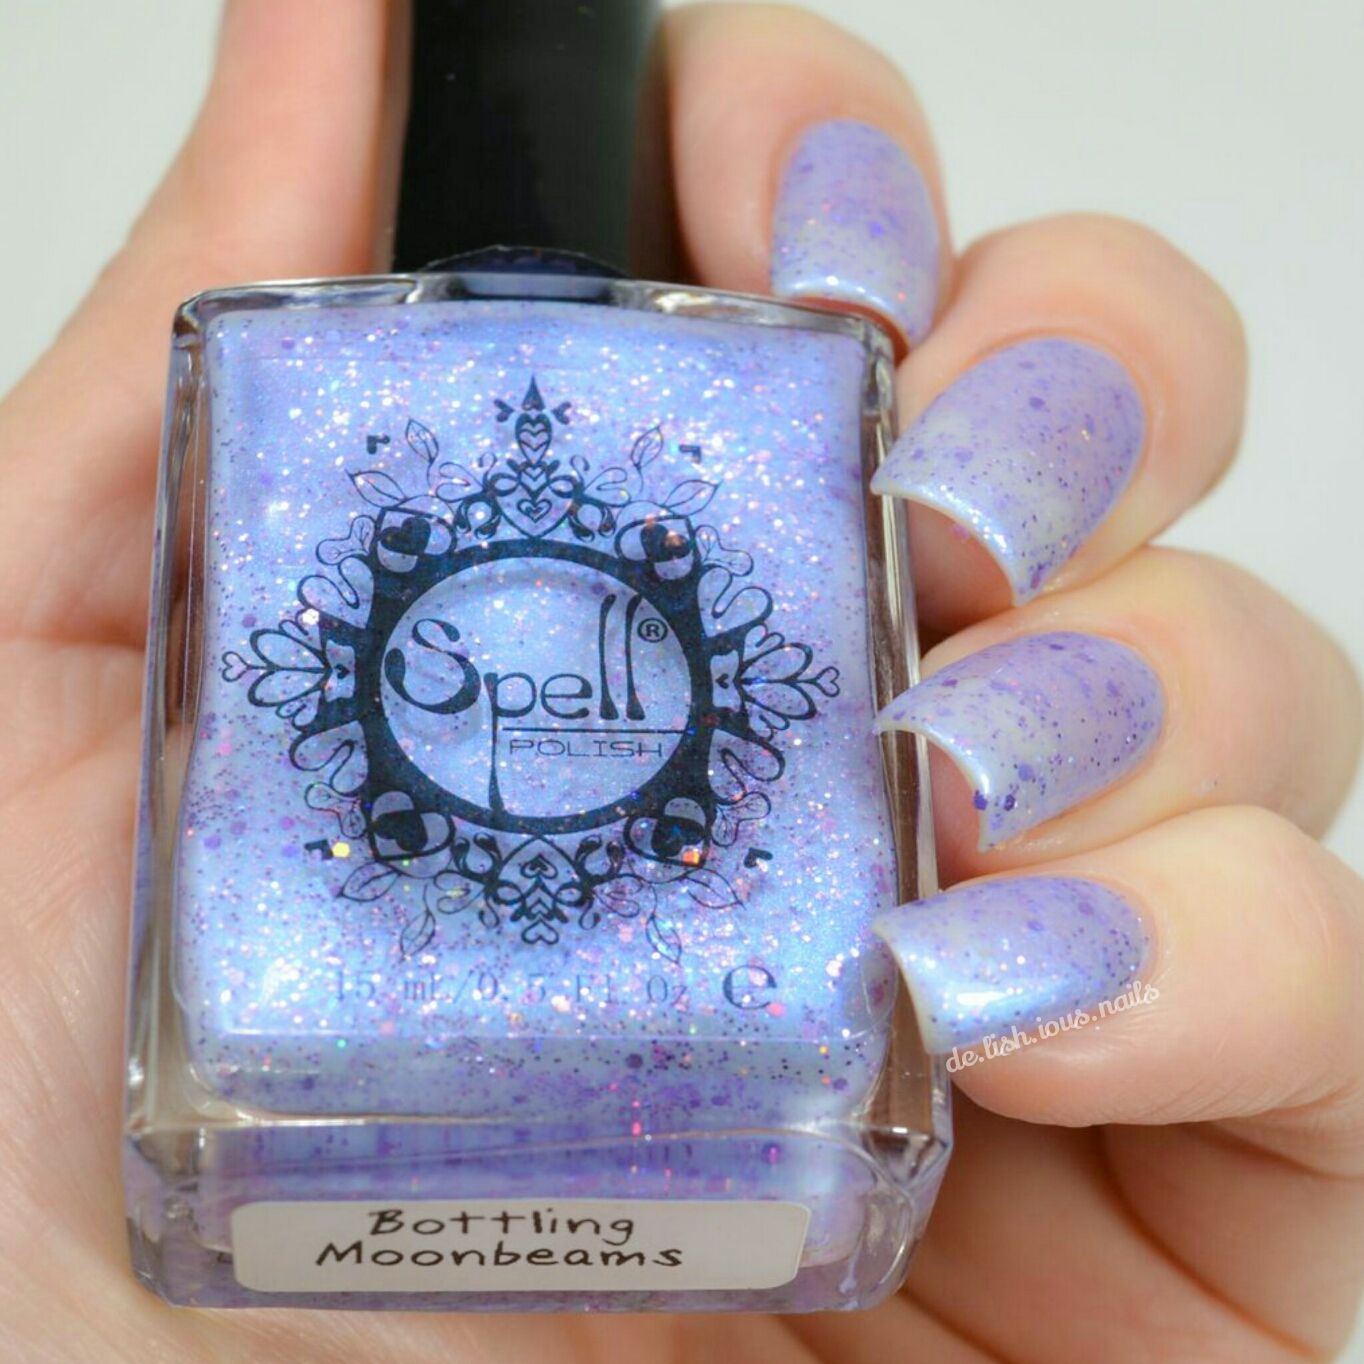 Spell_polish_bottling_moonbeams_2